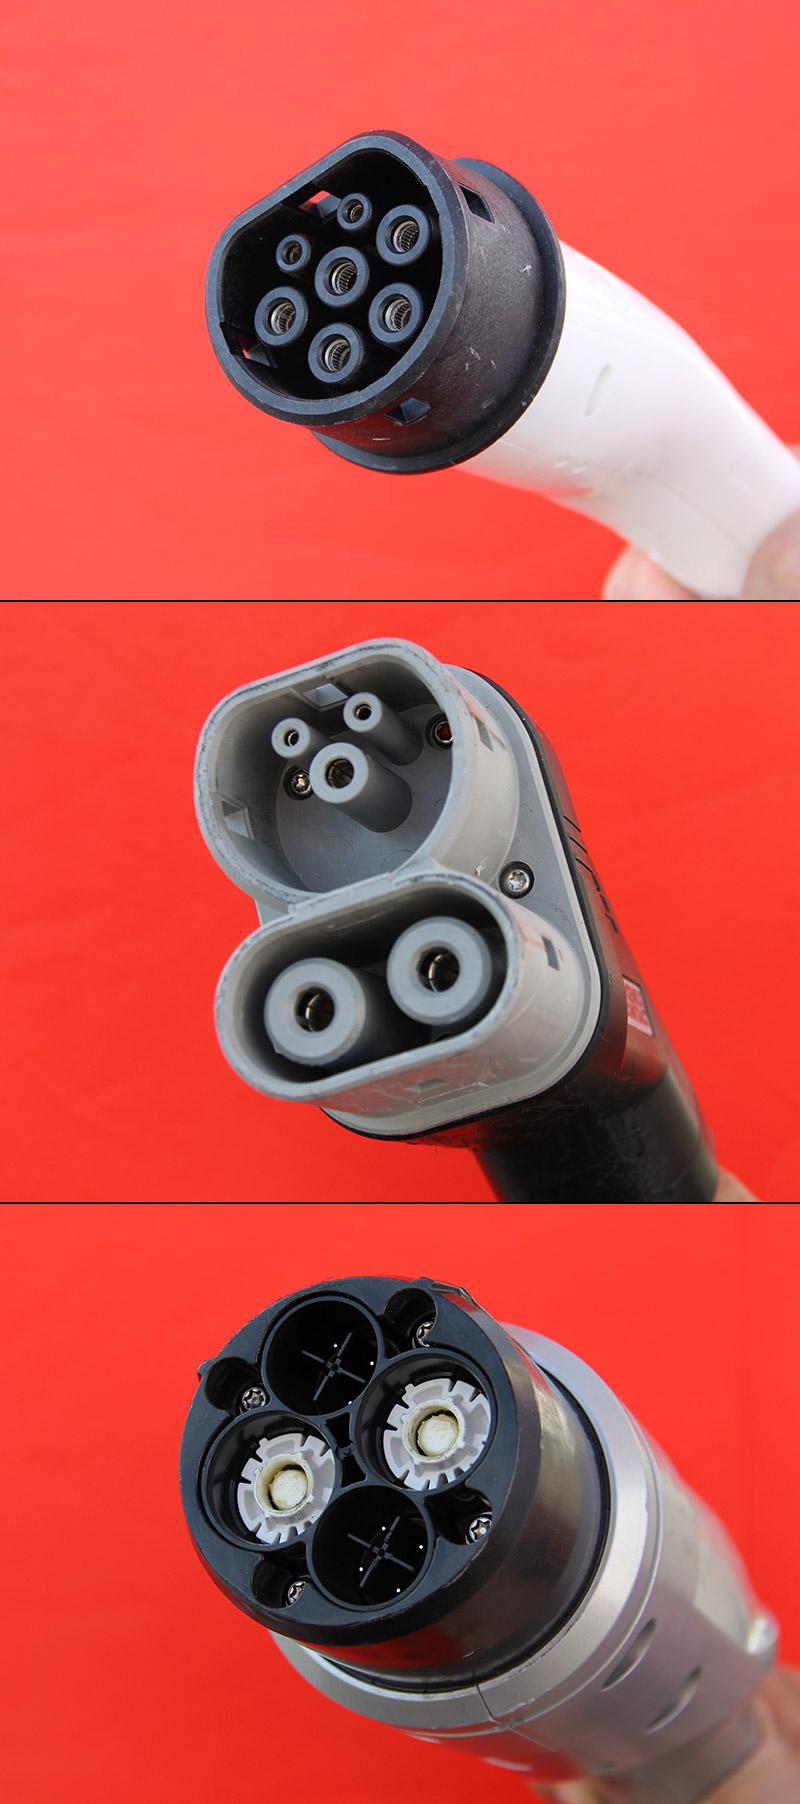 Elektroauto-Stecker-AC-chademo-wechselstrom-gleichstrom